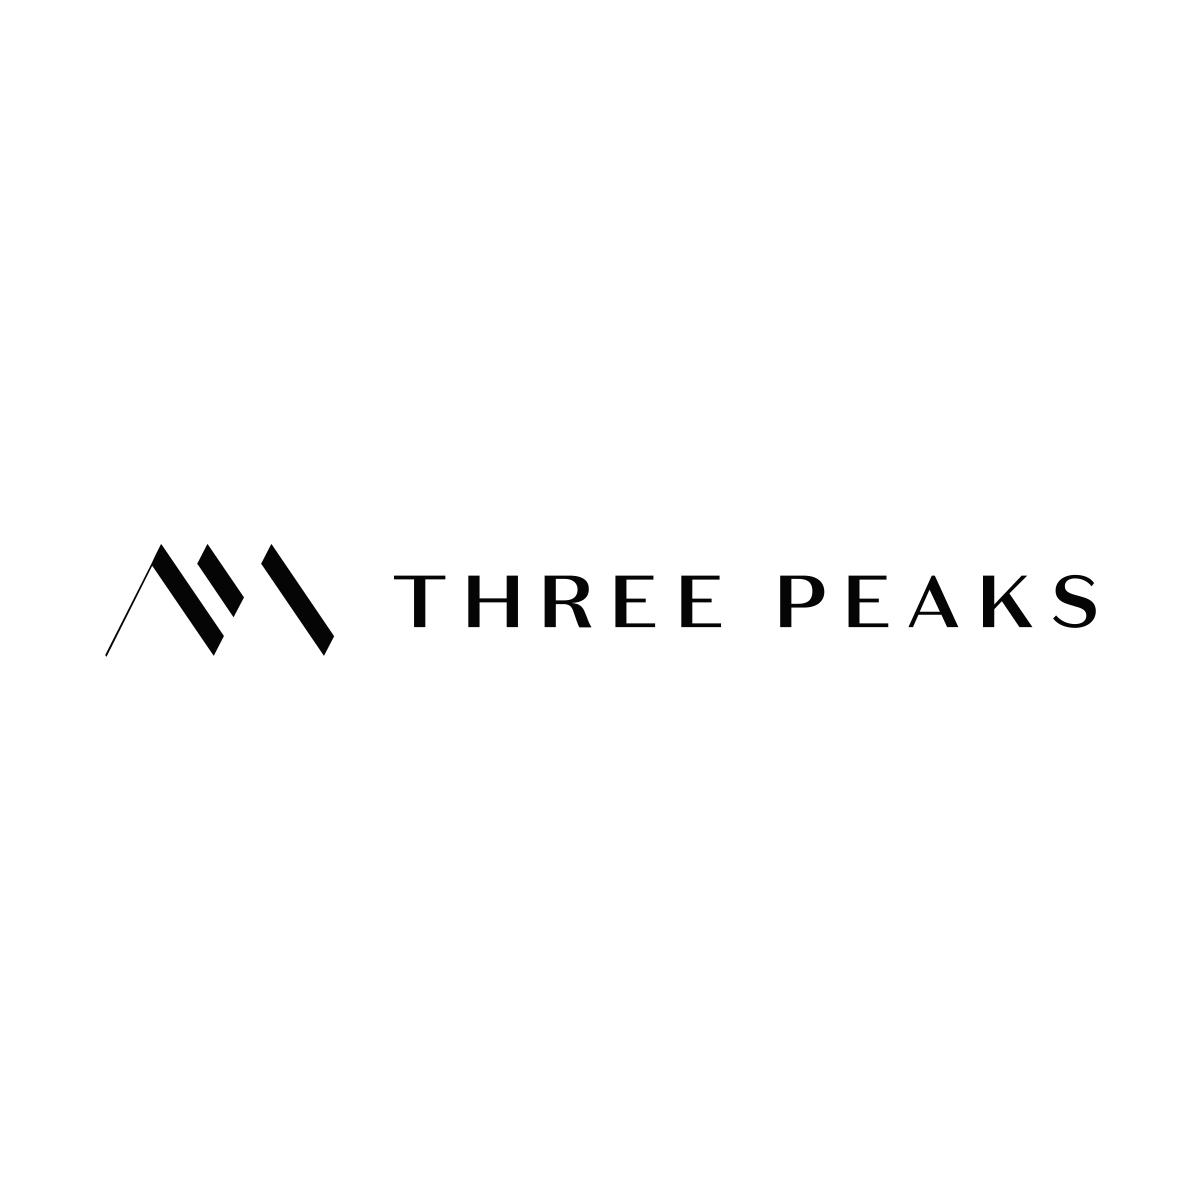 ThreePeaks.jpg